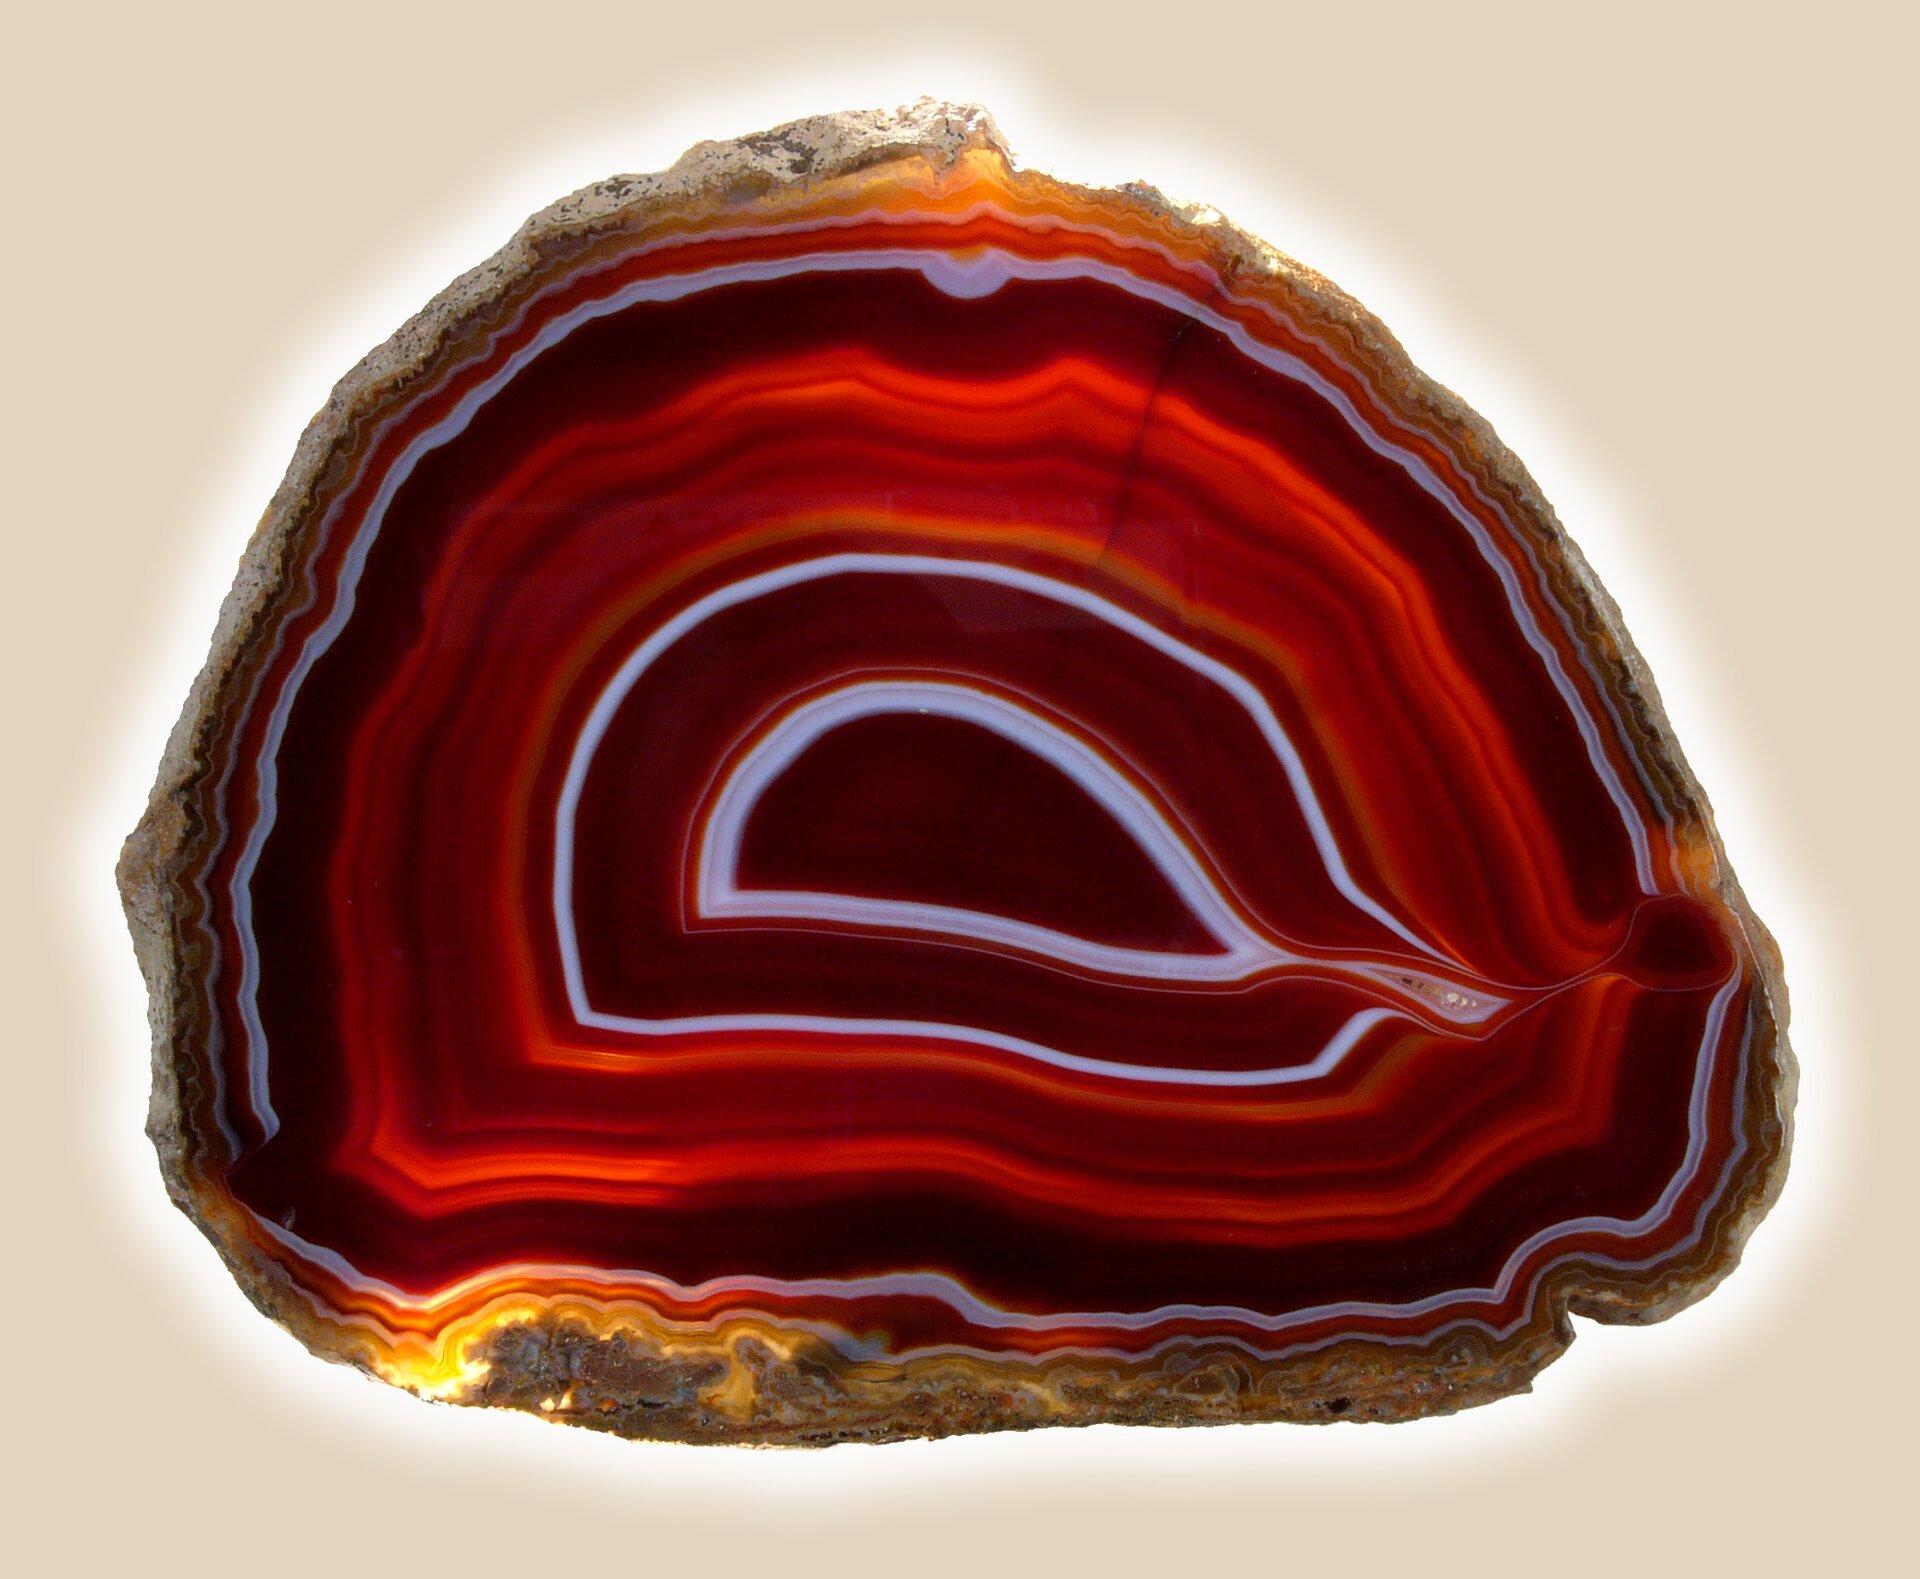 Zdjęcie przedstawia agat wprzekroju owidocznych warstwach czerwonych, bordowych, ibiałych. Zewnętrzna warstwa kamienia żółtawa. Widoczne jest jedno epicentrum warstw, zprawej strony mocno rozciągnięte, aż do krawędzi kamienia.